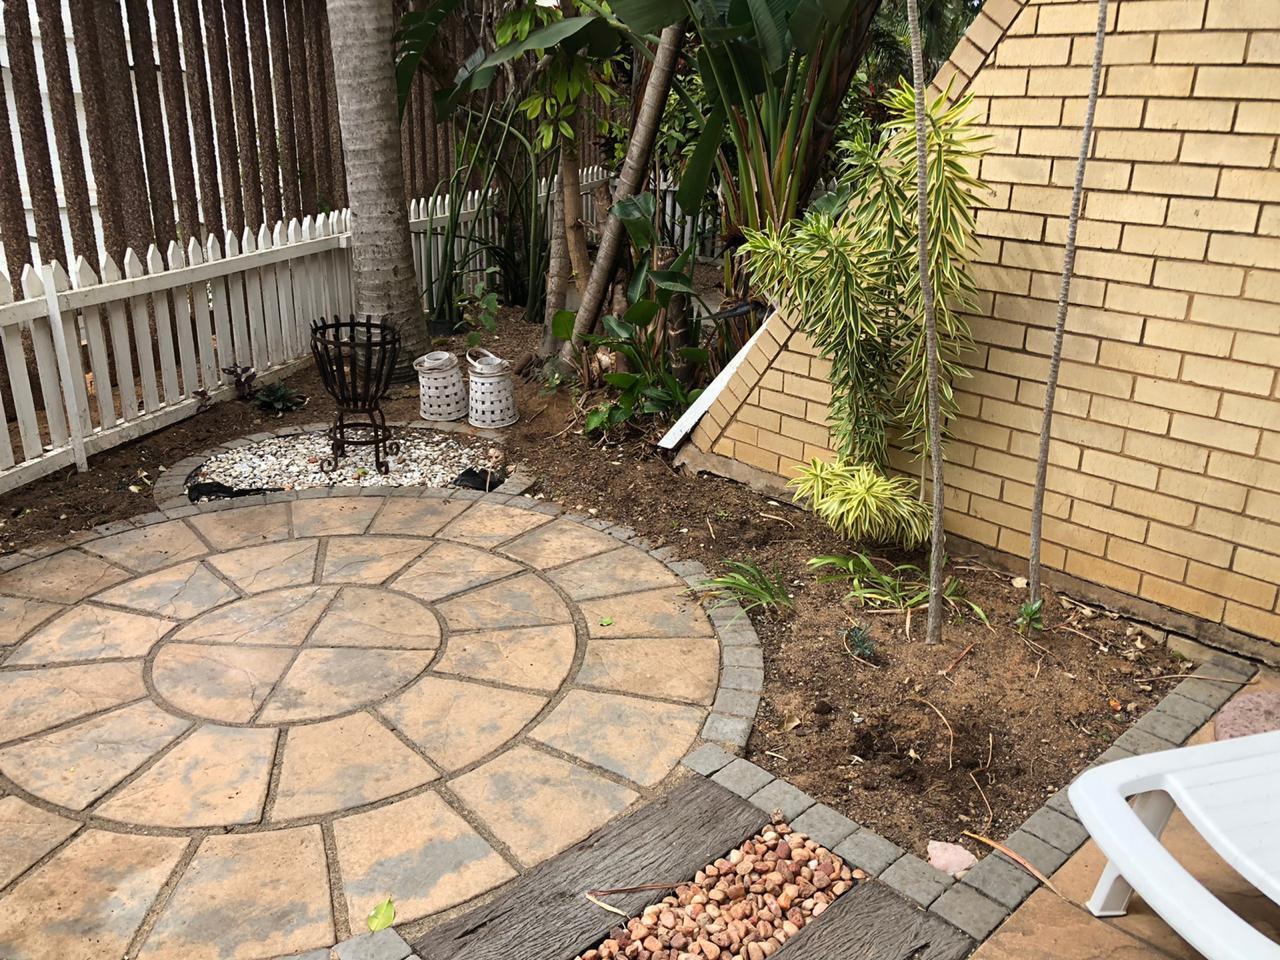 Keri's garden